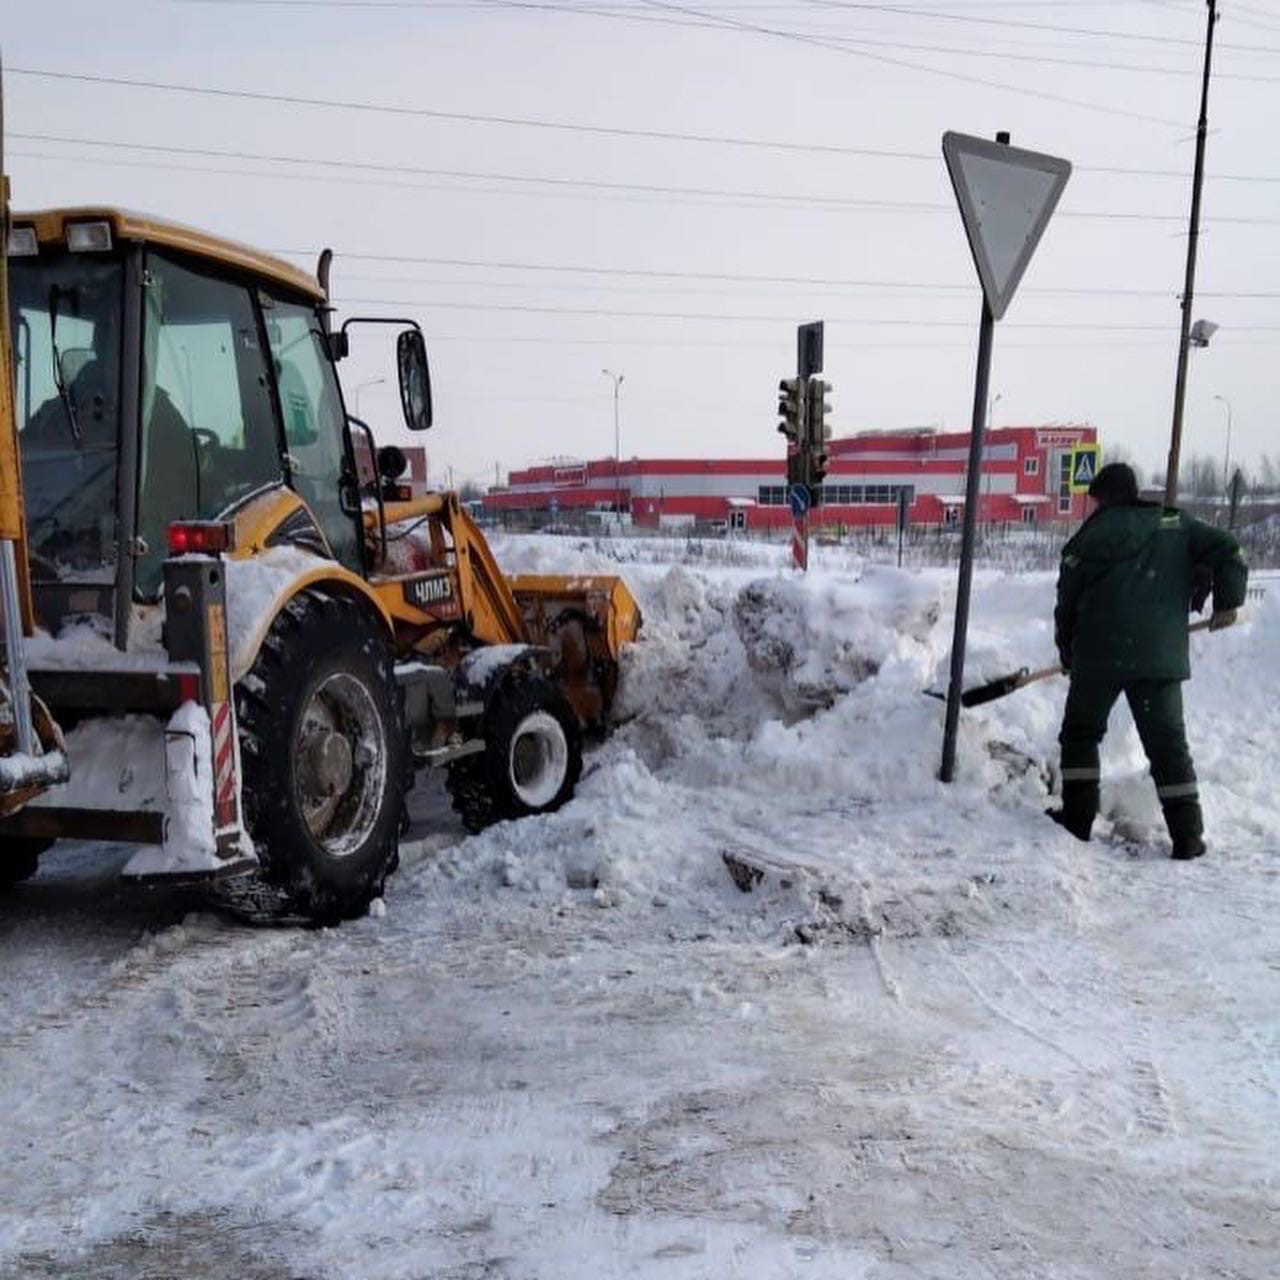 Дмитрий Миронов: прошу обратить внимание на жалобы жителей, связанные с уборкой дорог